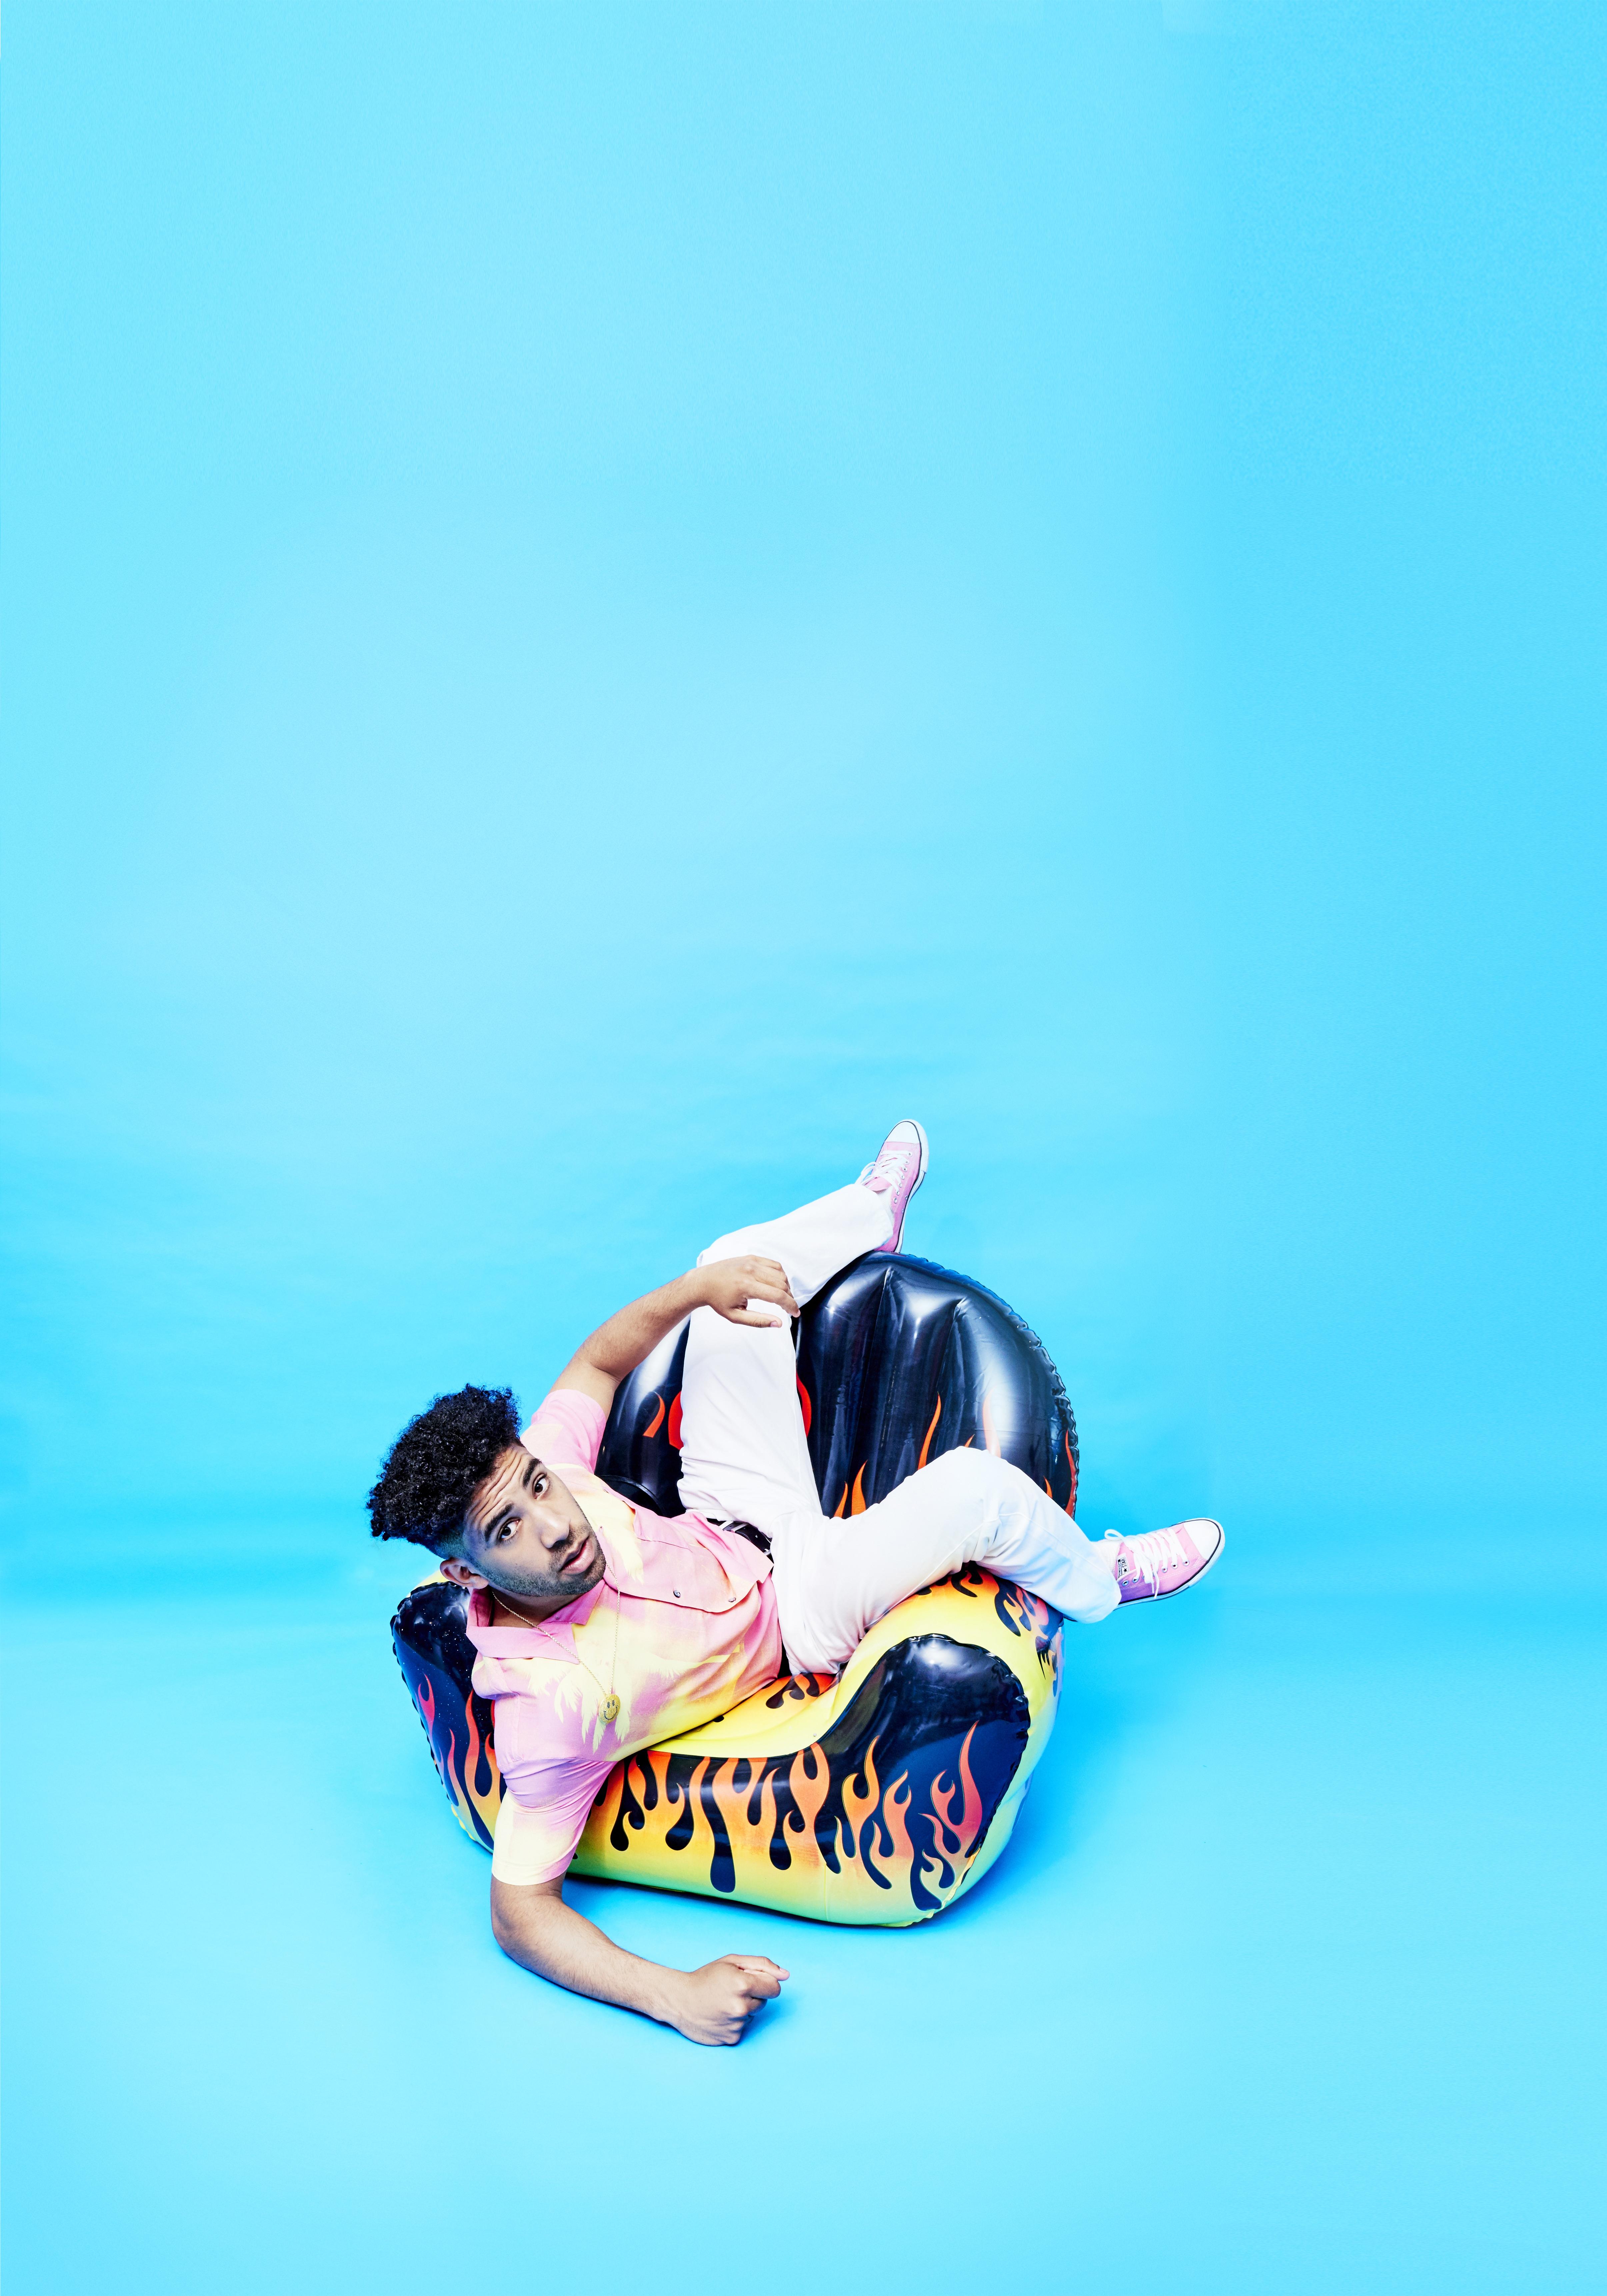 Rapper Super Duper Kyle Proves Jolliness Has A Place In Hip Hop Milk 4822x6889